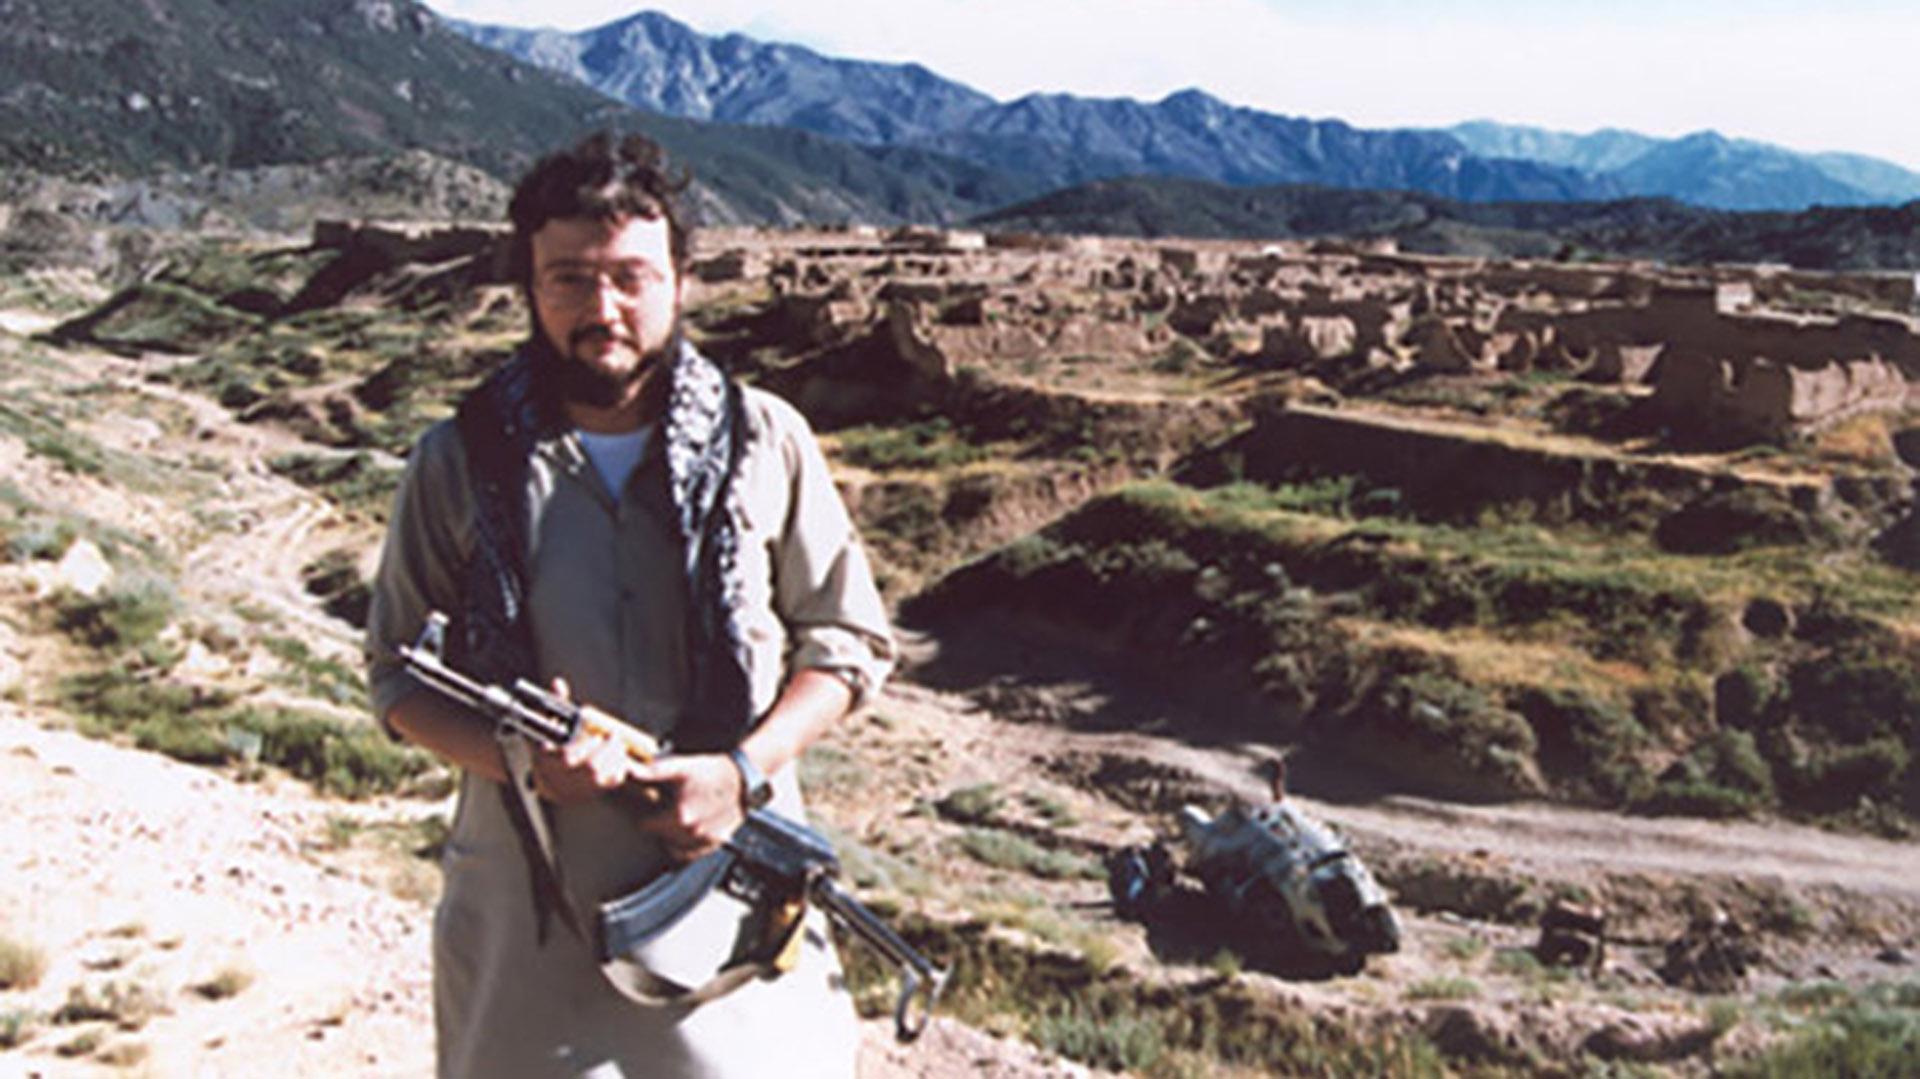 Khashoggi en Afganistán, con el atuendo típico y sosteniendo un AK-47. Esta foto enojó a sus editores (New York Times)